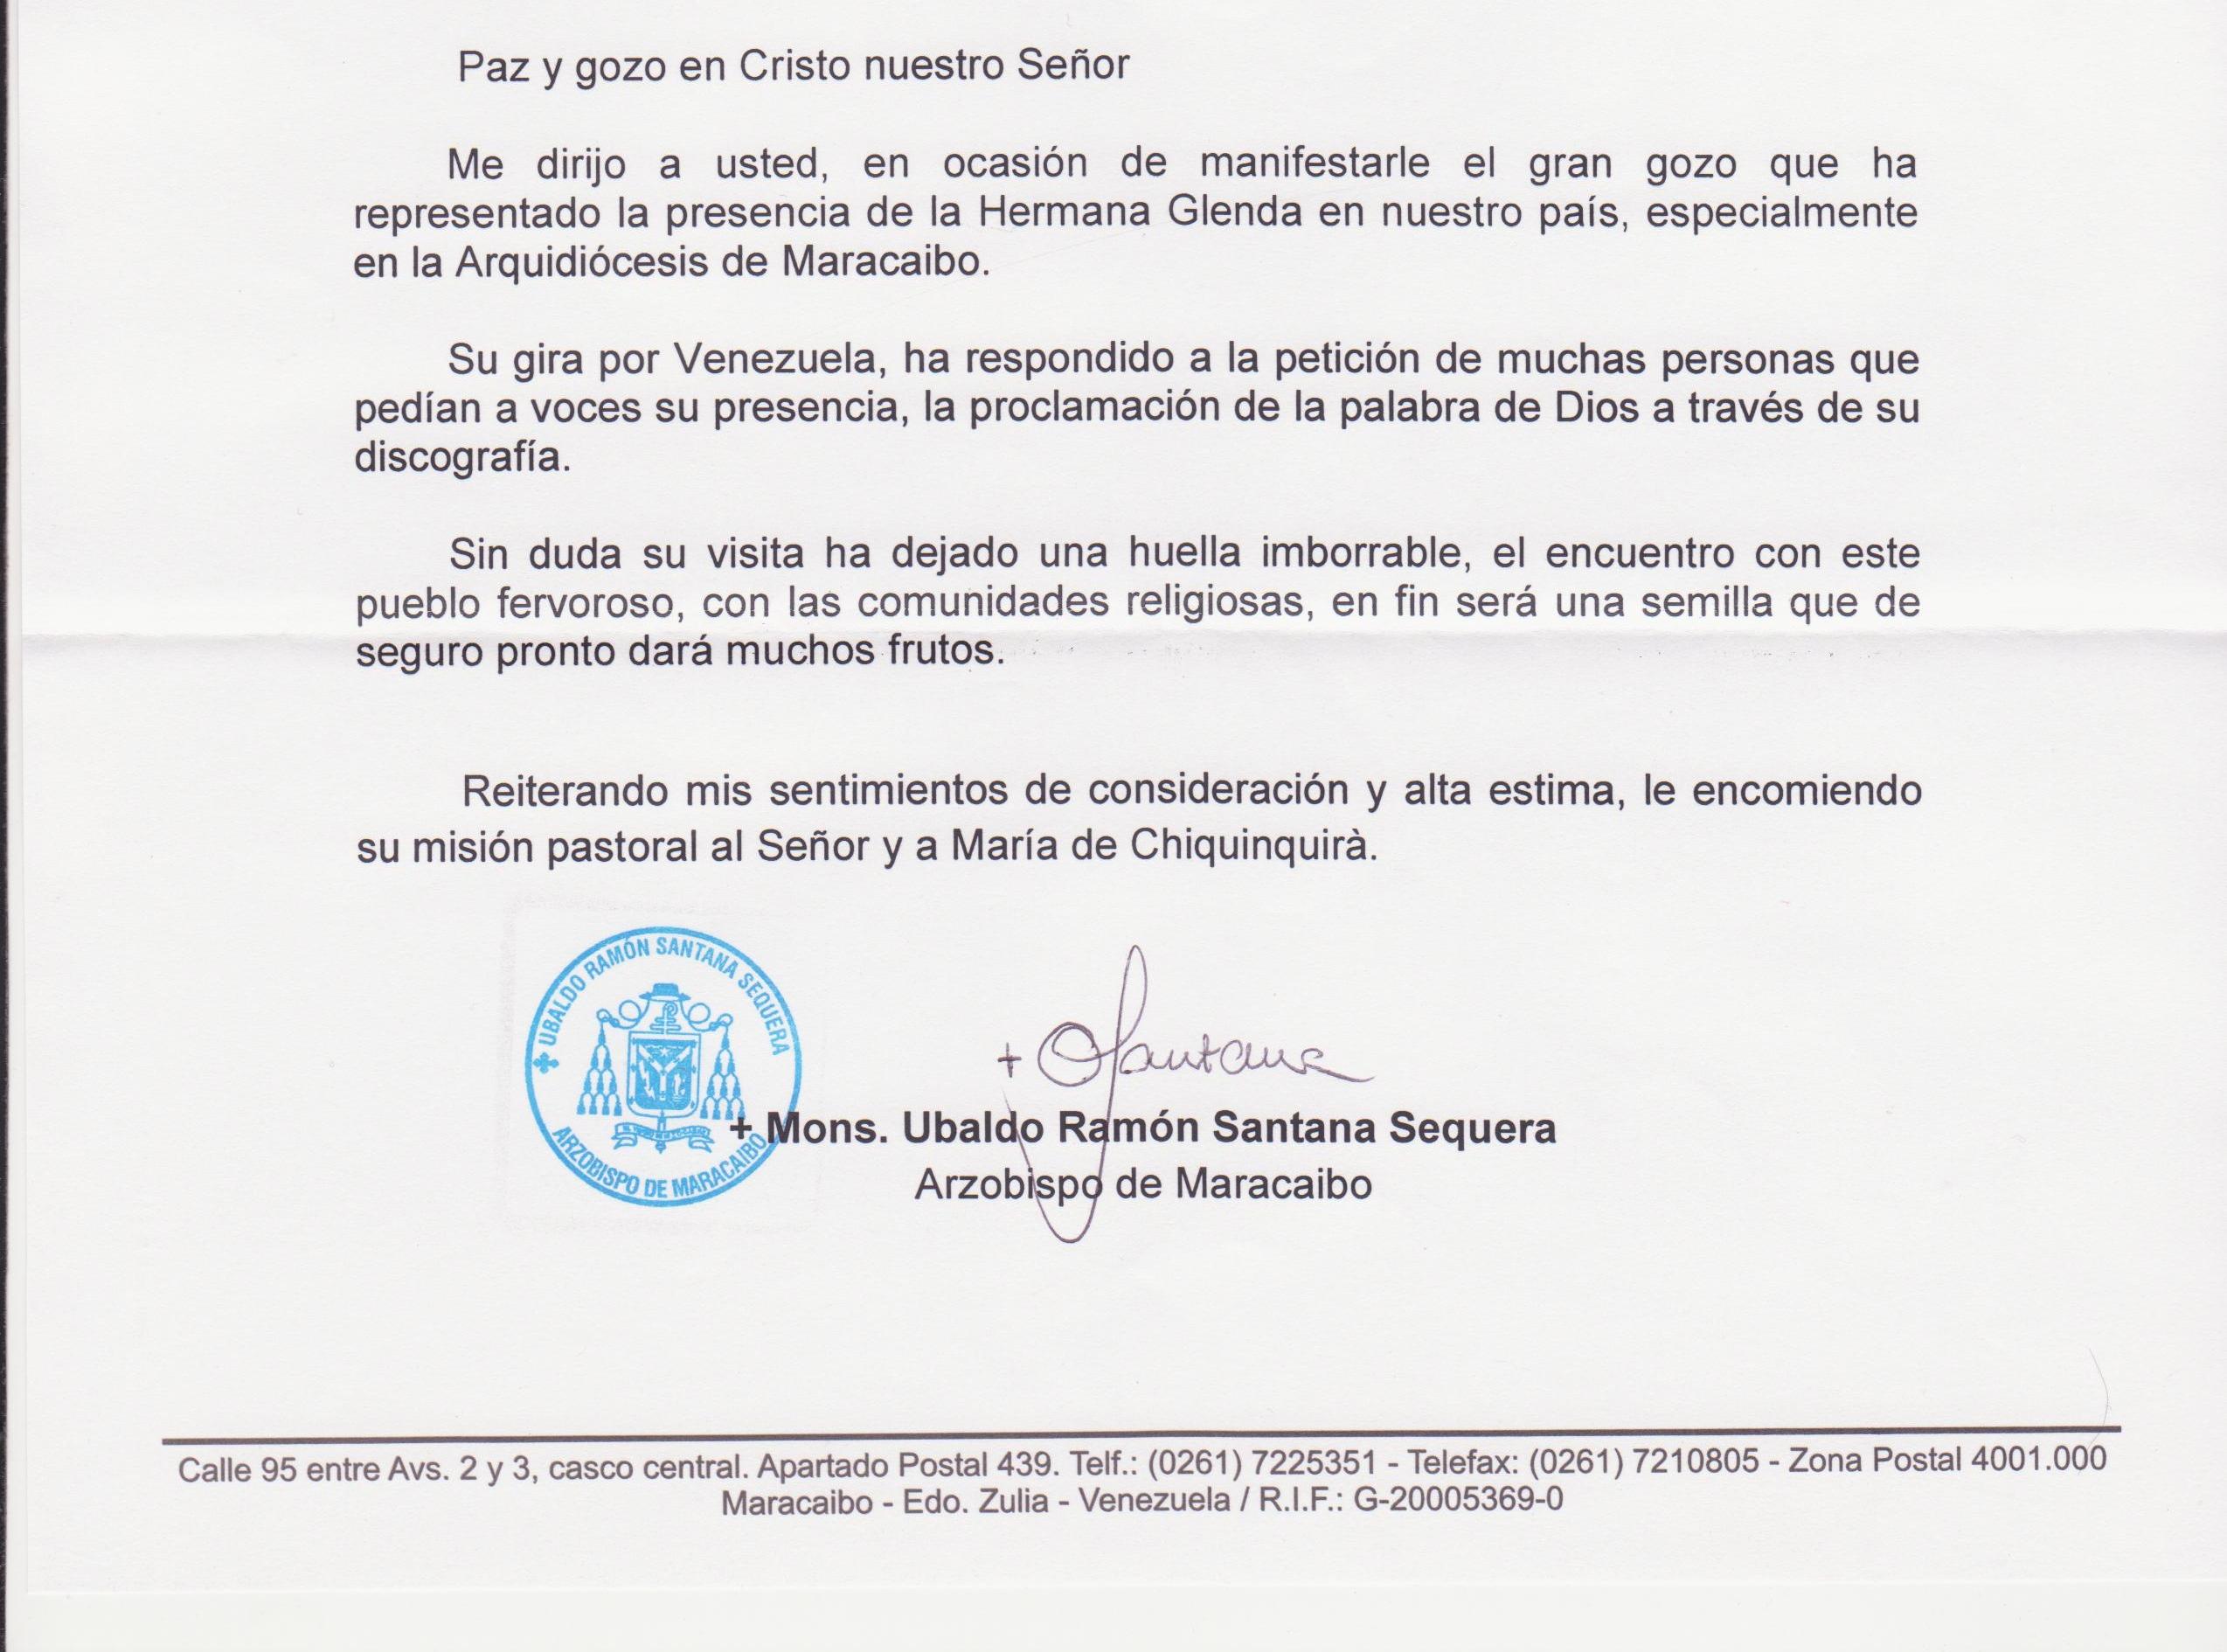 ARZOBISPO DE MARACAIBO, VENEZUELA